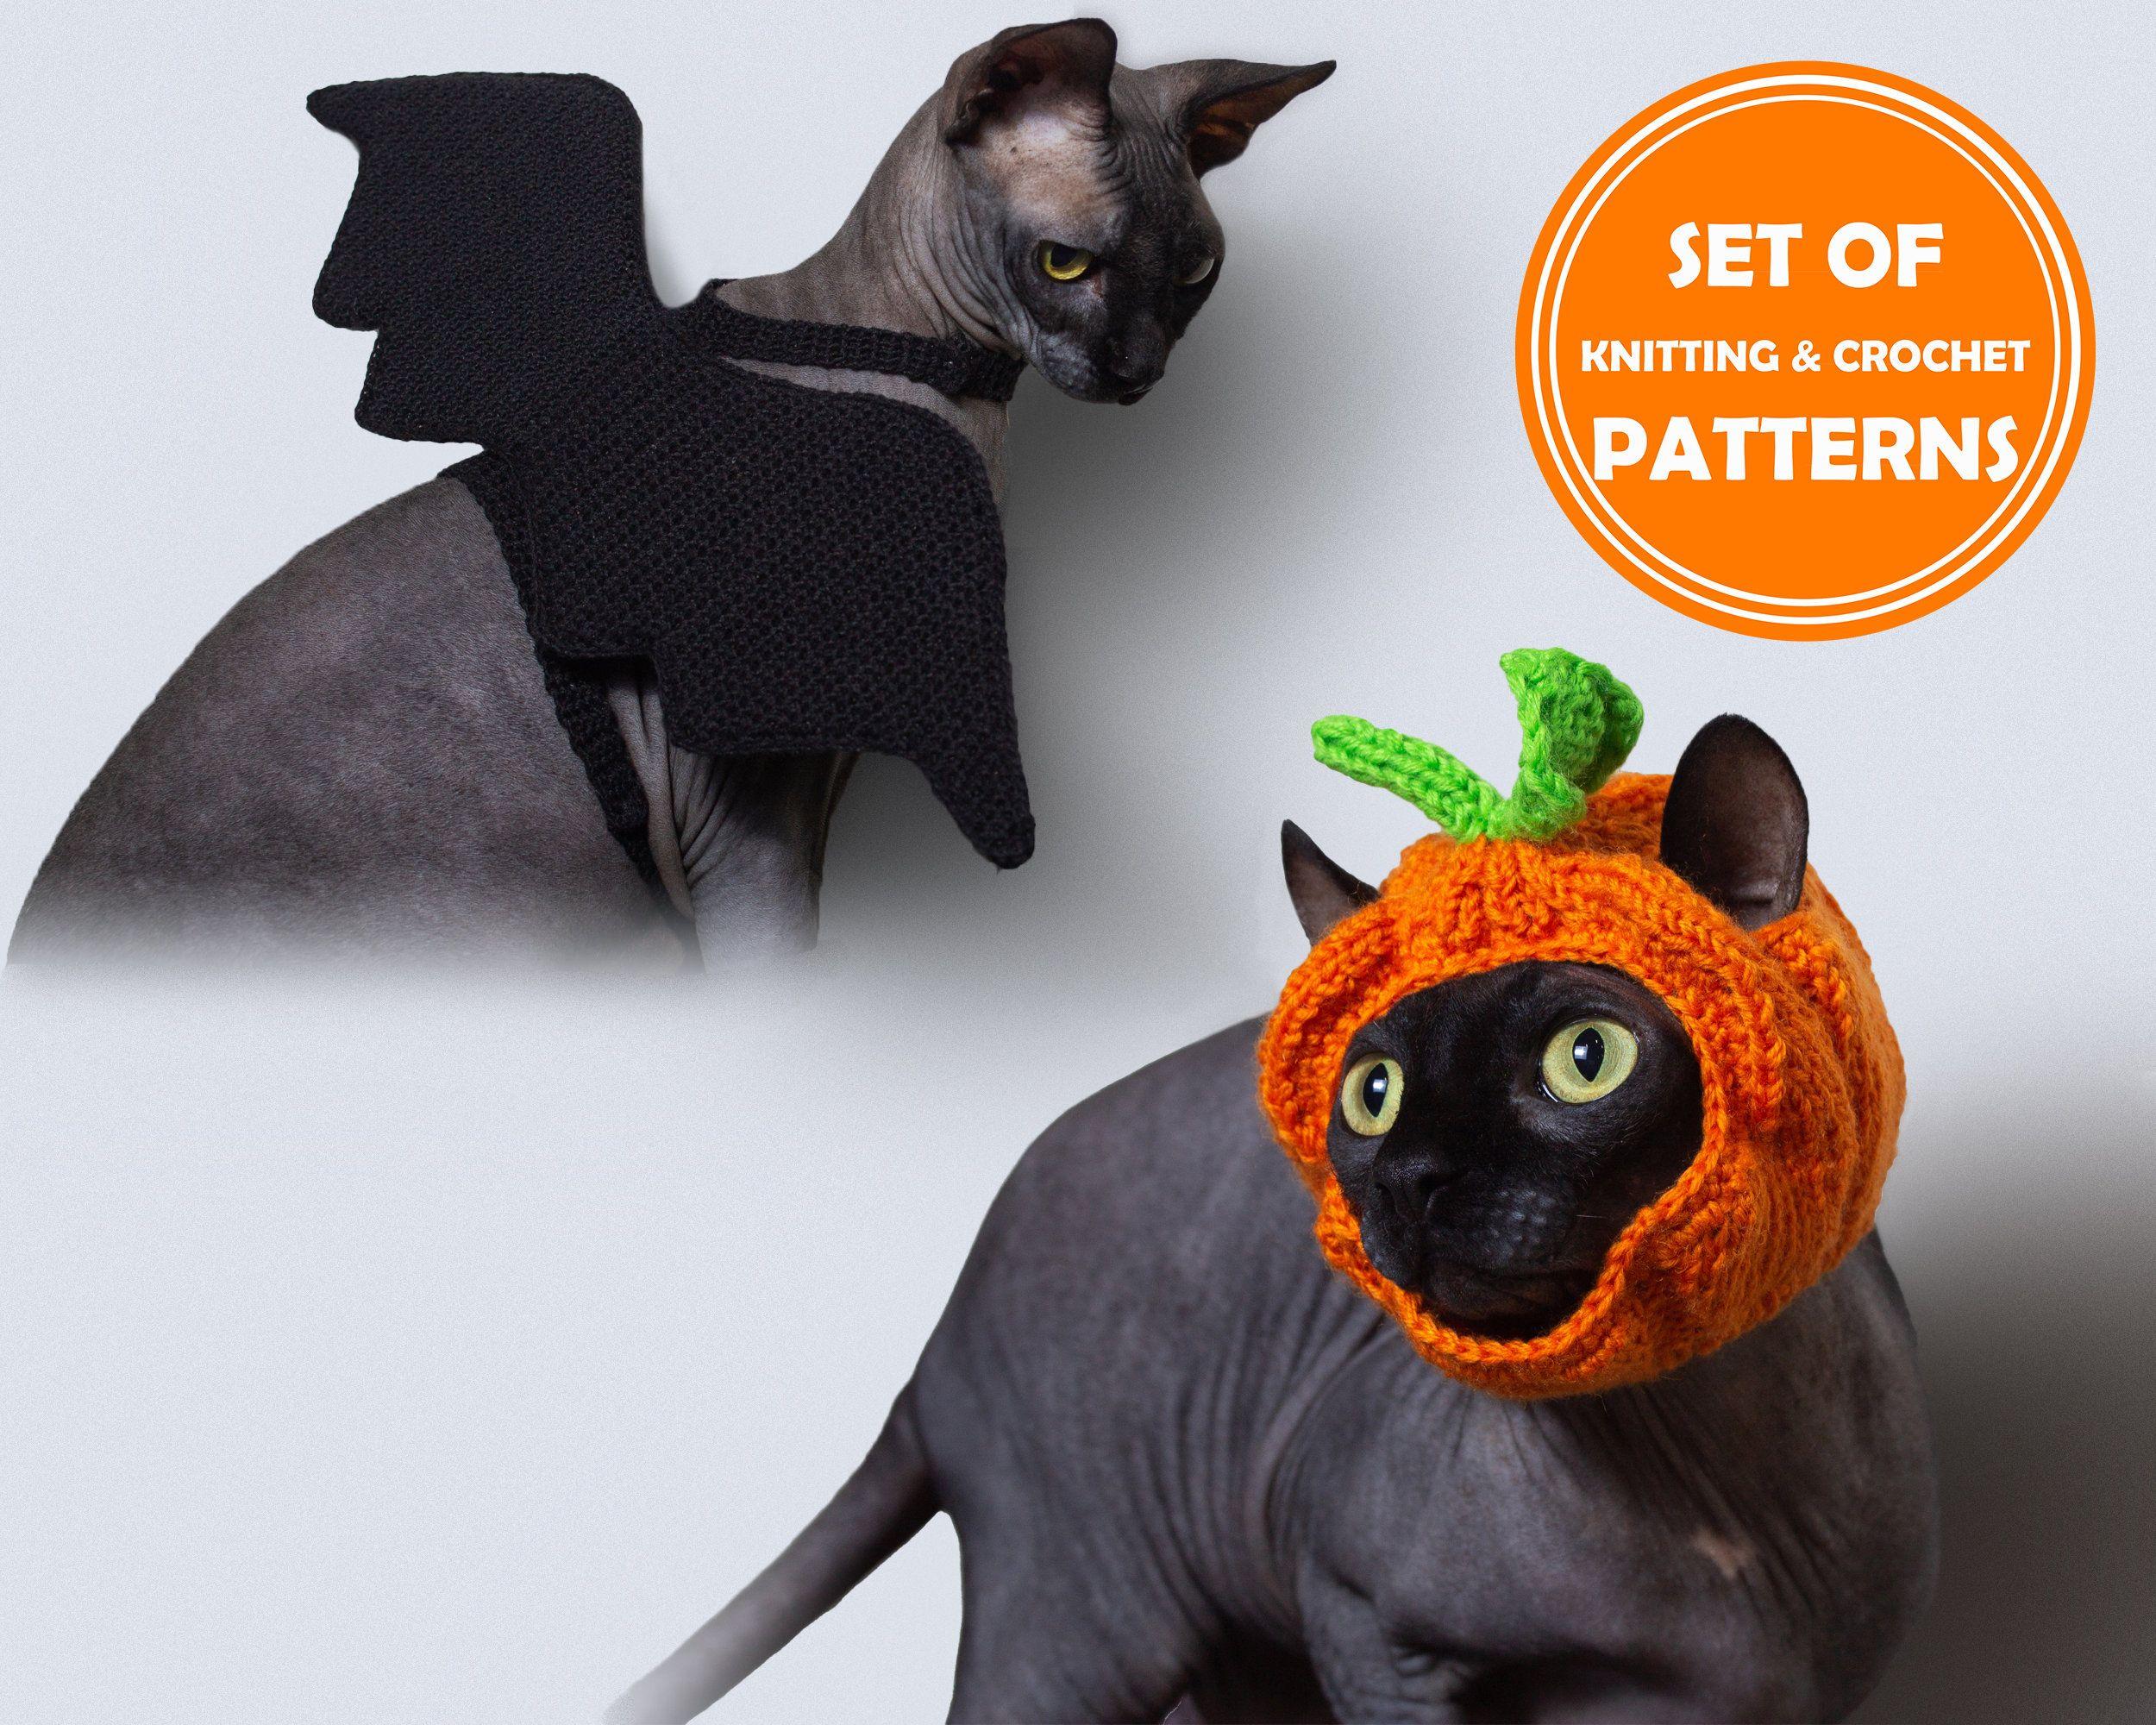 Halloween Set Of 2 Patterns Knitted Cat Pumpkin Hat And Etsy Crochet Bat Knitted Cat Pumpkin Hat